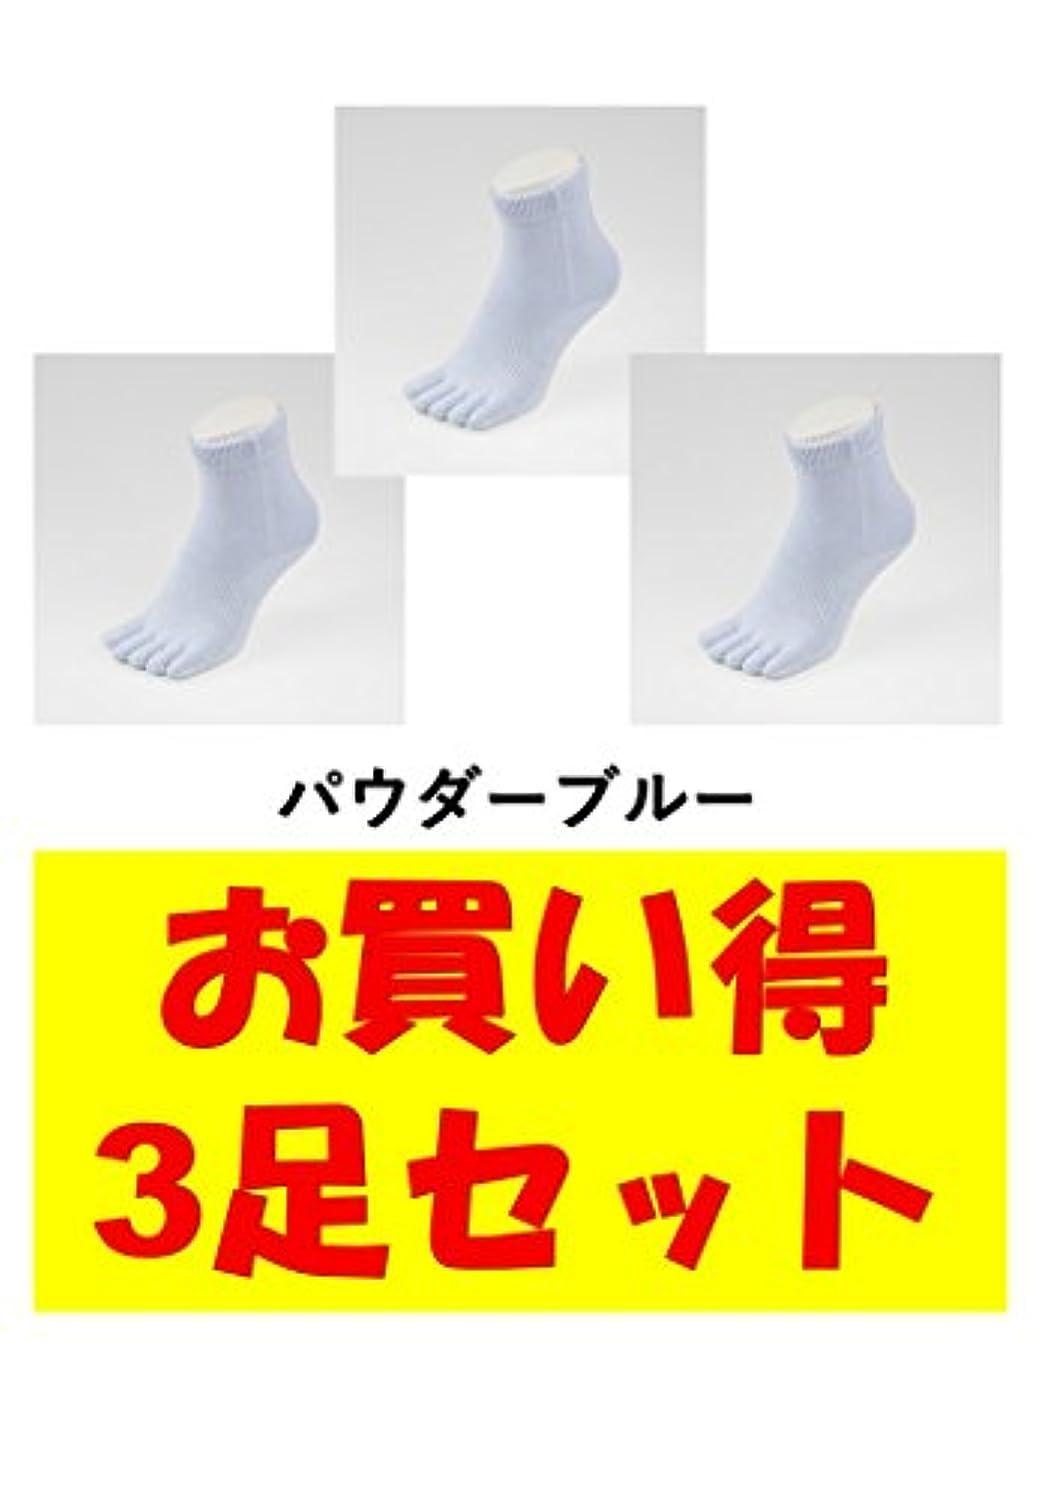 整然とした縮れたギャップお買い得3足セット 5本指 ゆびのばソックス Neo EVE(イヴ) パウダーブルー Sサイズ(21.0cm - 24.0cm) YSNEVE-PBL